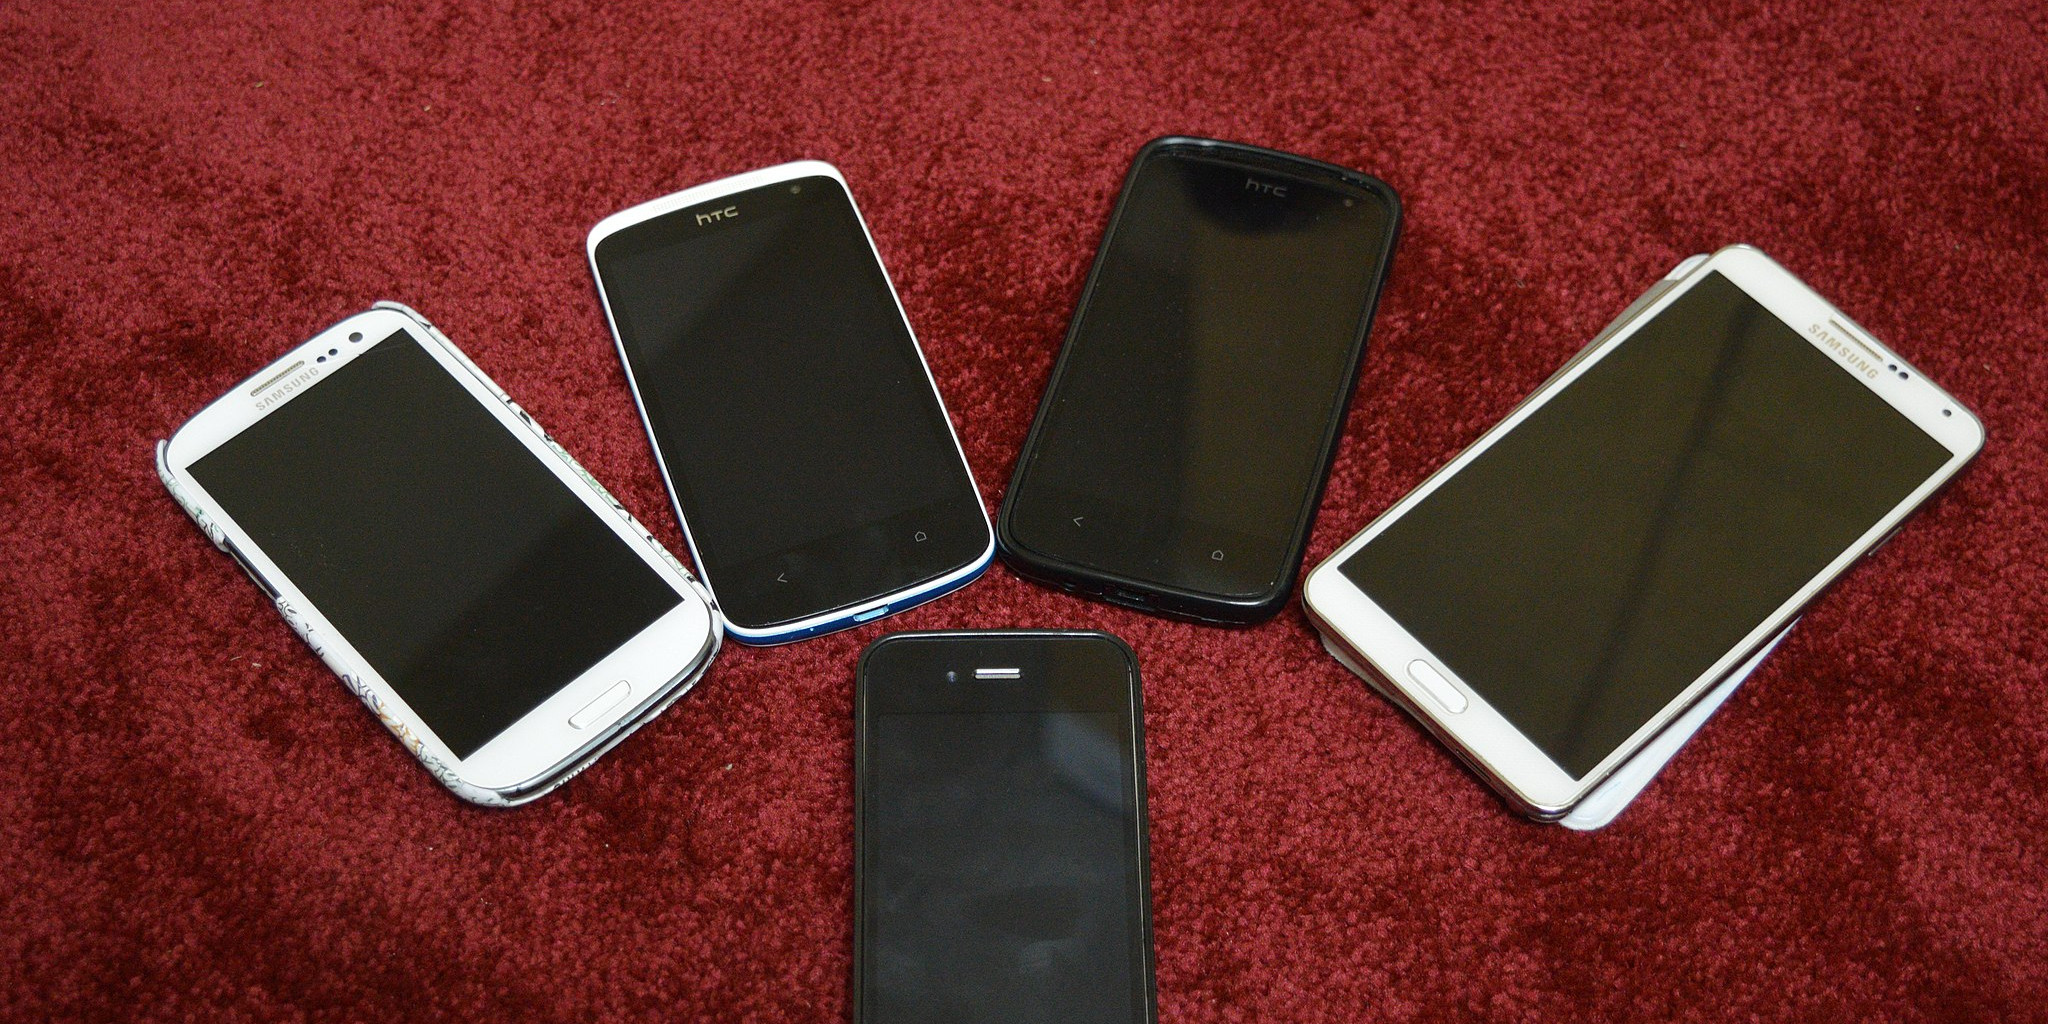 5_different_Smartphones